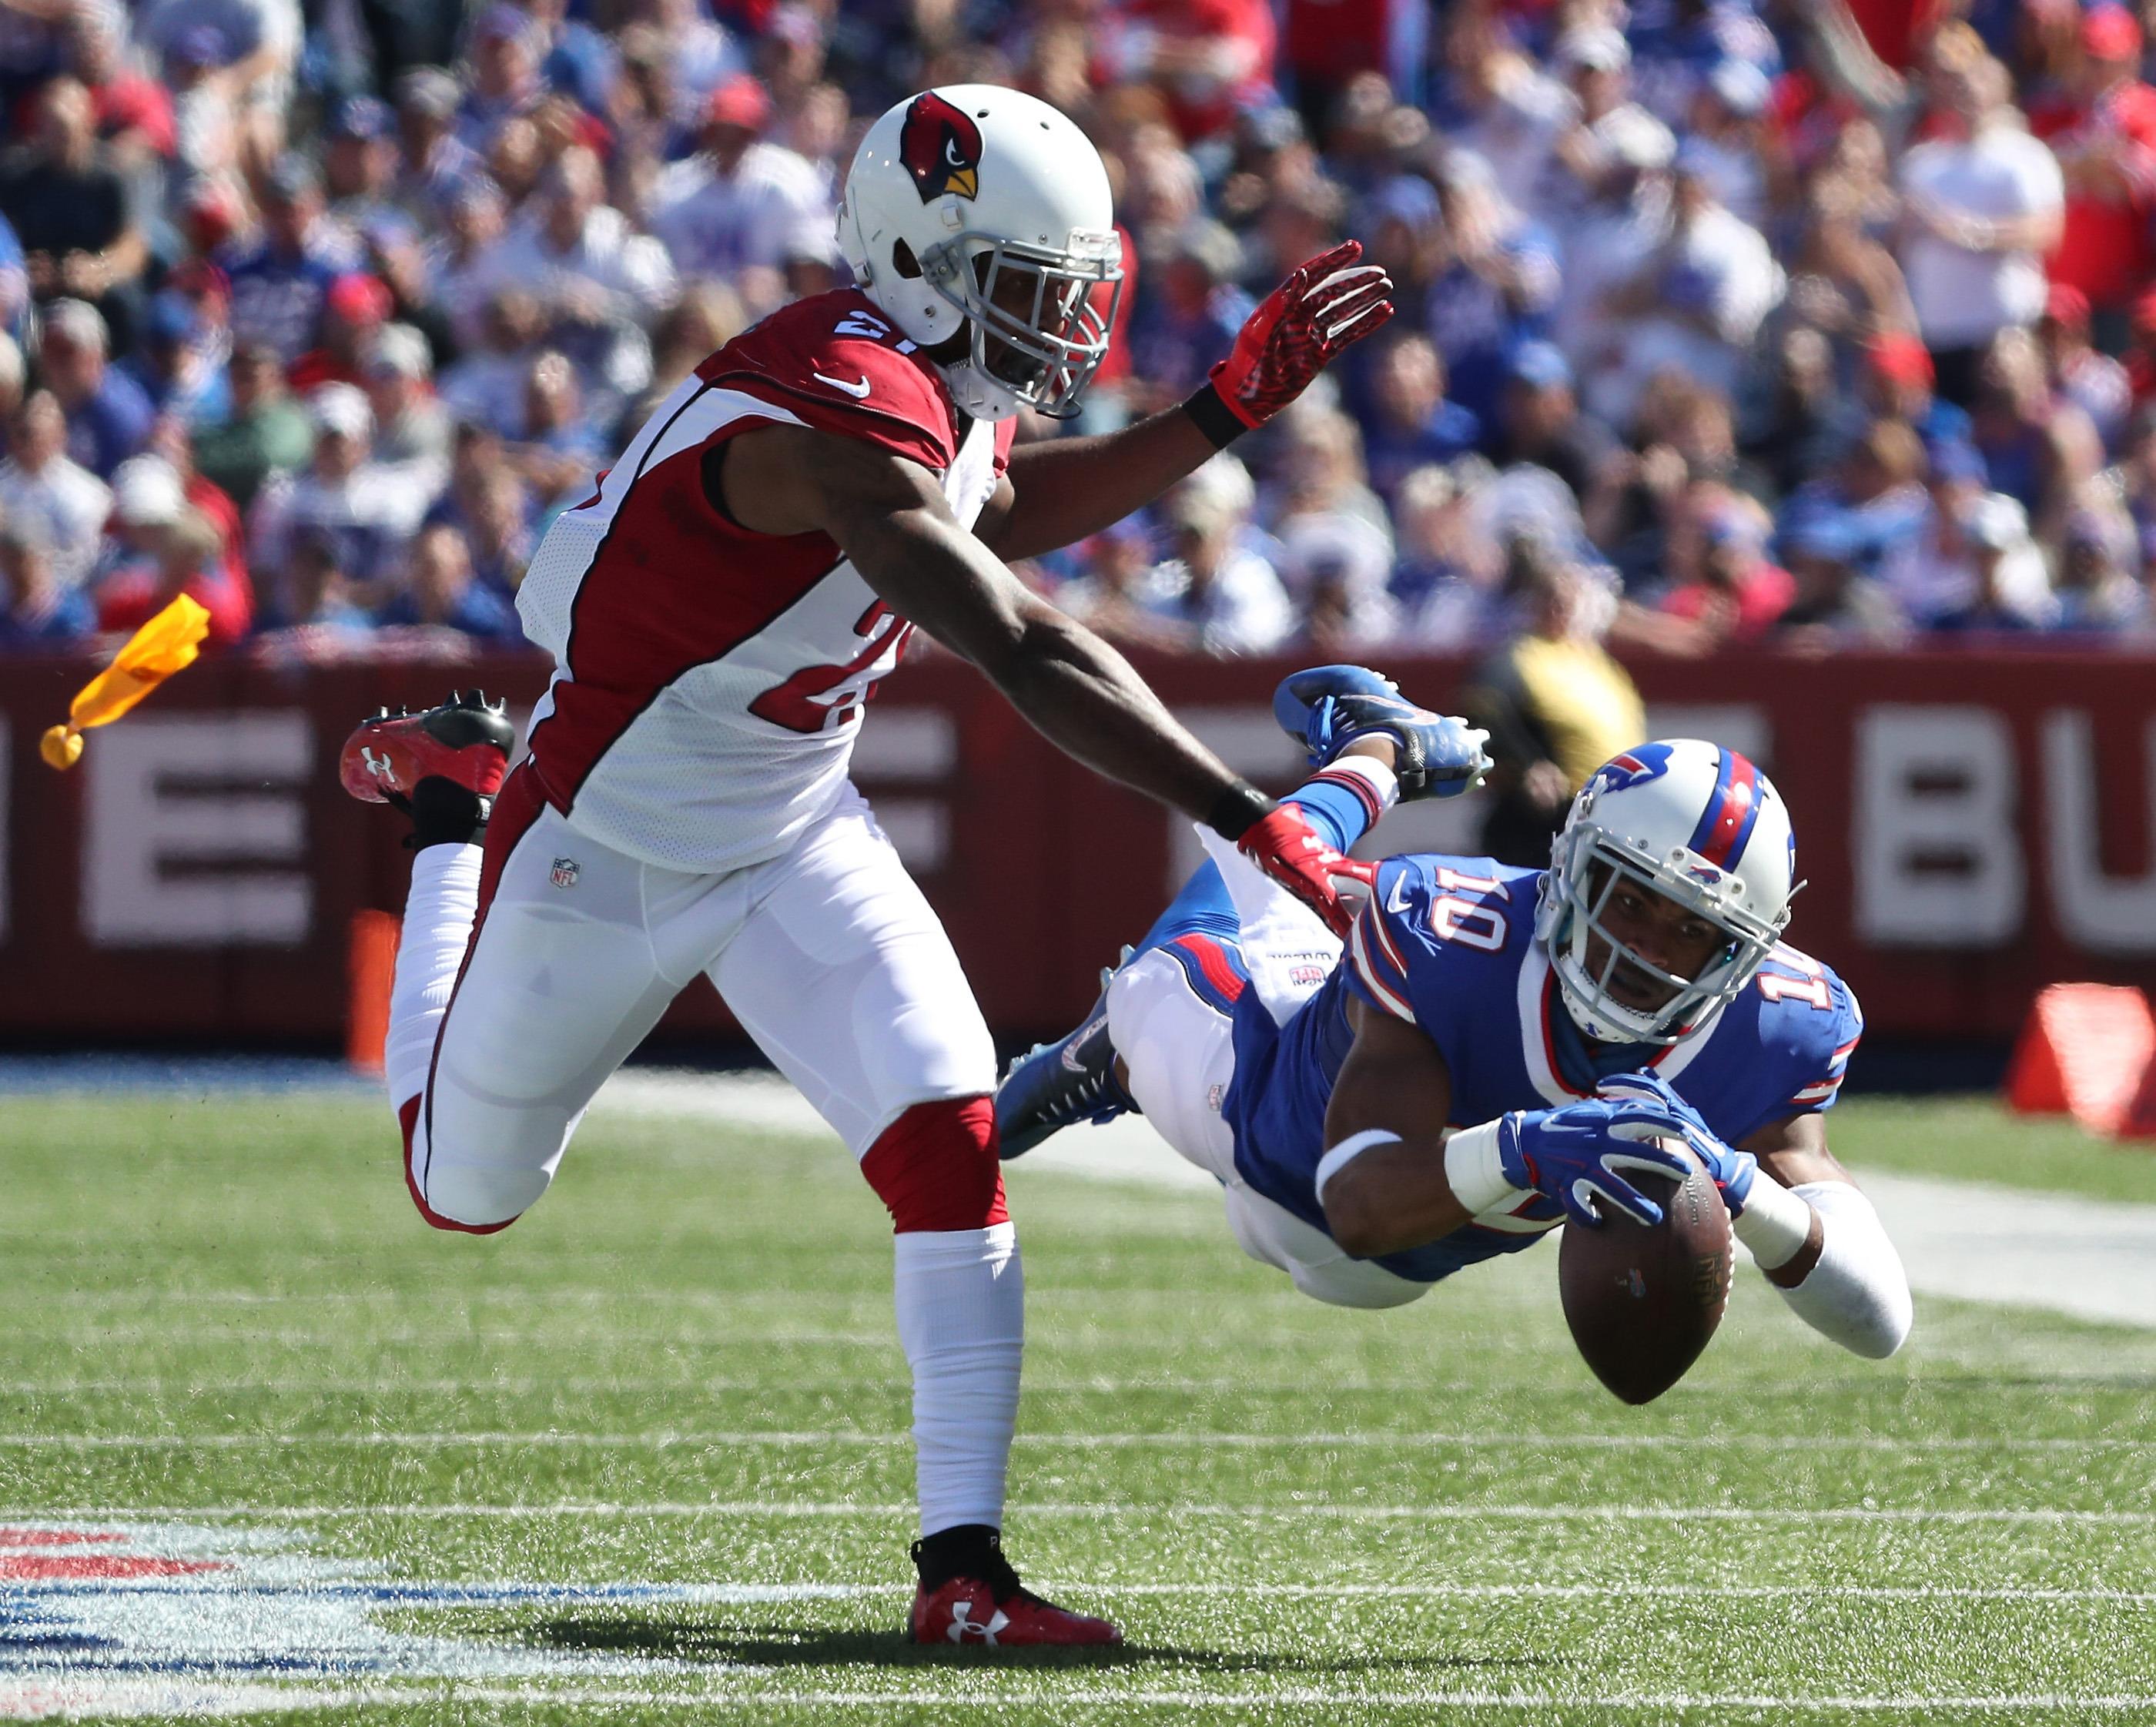 Buffalo Bills wide receiver Robert Woods (10) pulls in a catch.